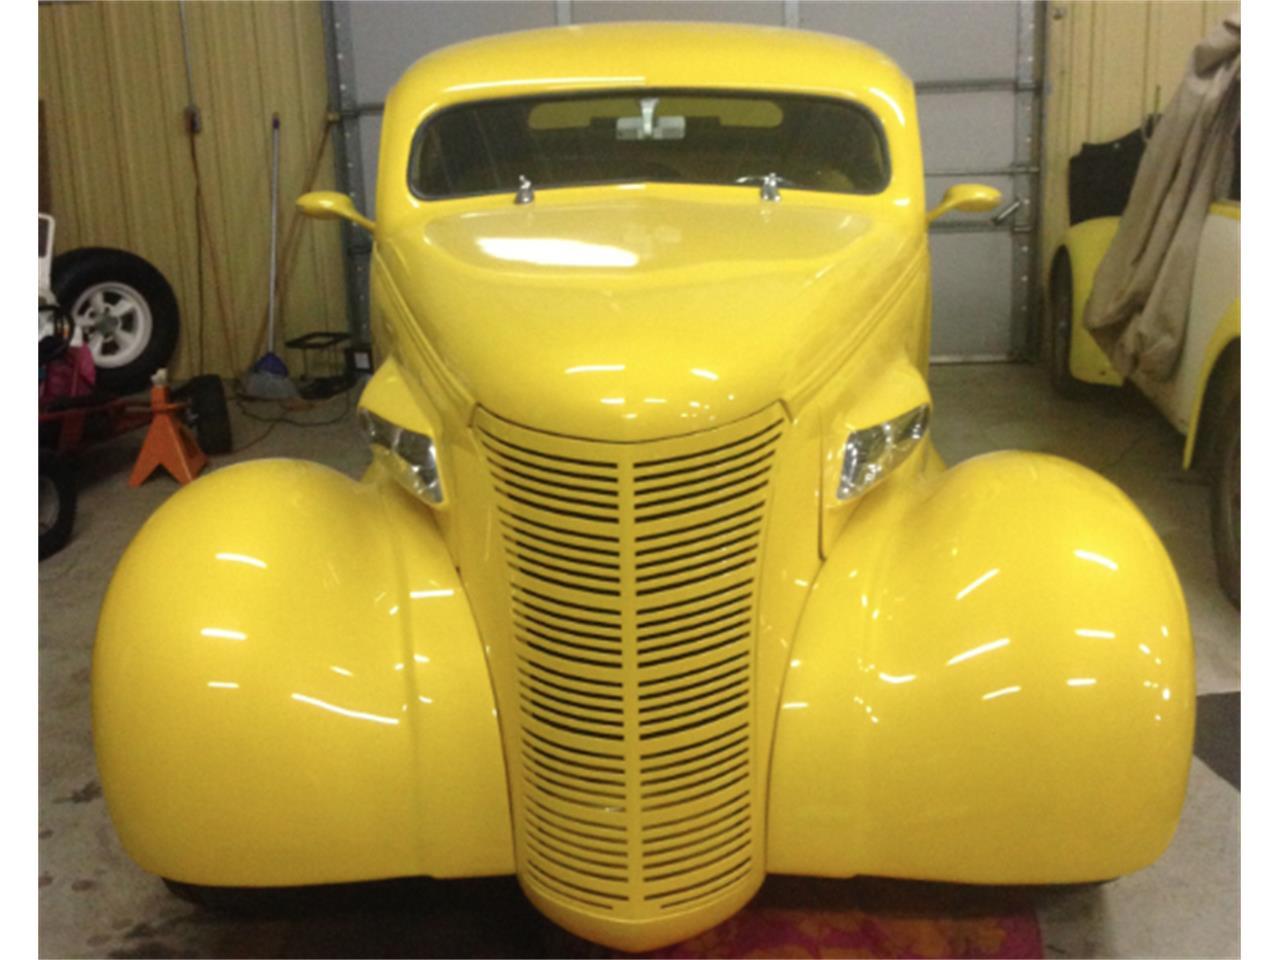 Kokomo Car Dealers >> 1938 Chevrolet Hot Rod for Sale | ClassicCars.com | CC-937693